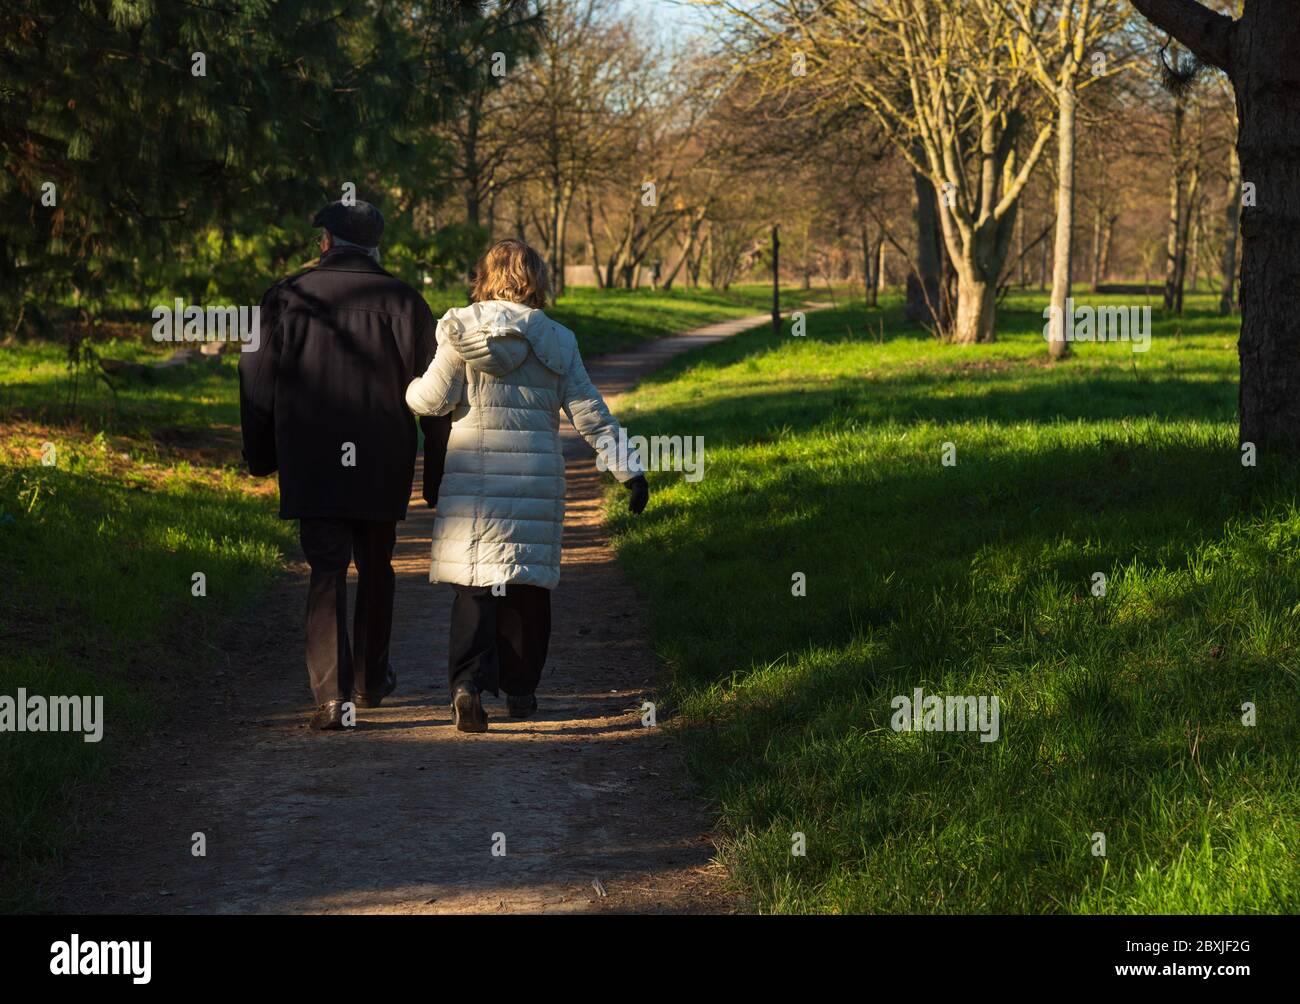 Coppia anziana che cammina nella foresta di Vincennes di Parigi, in Francia, in rara giornata di sole in inverno. Vista posteriore. Stile di vita sano e attivo. Concetto di benessere per anziani. Foto Stock